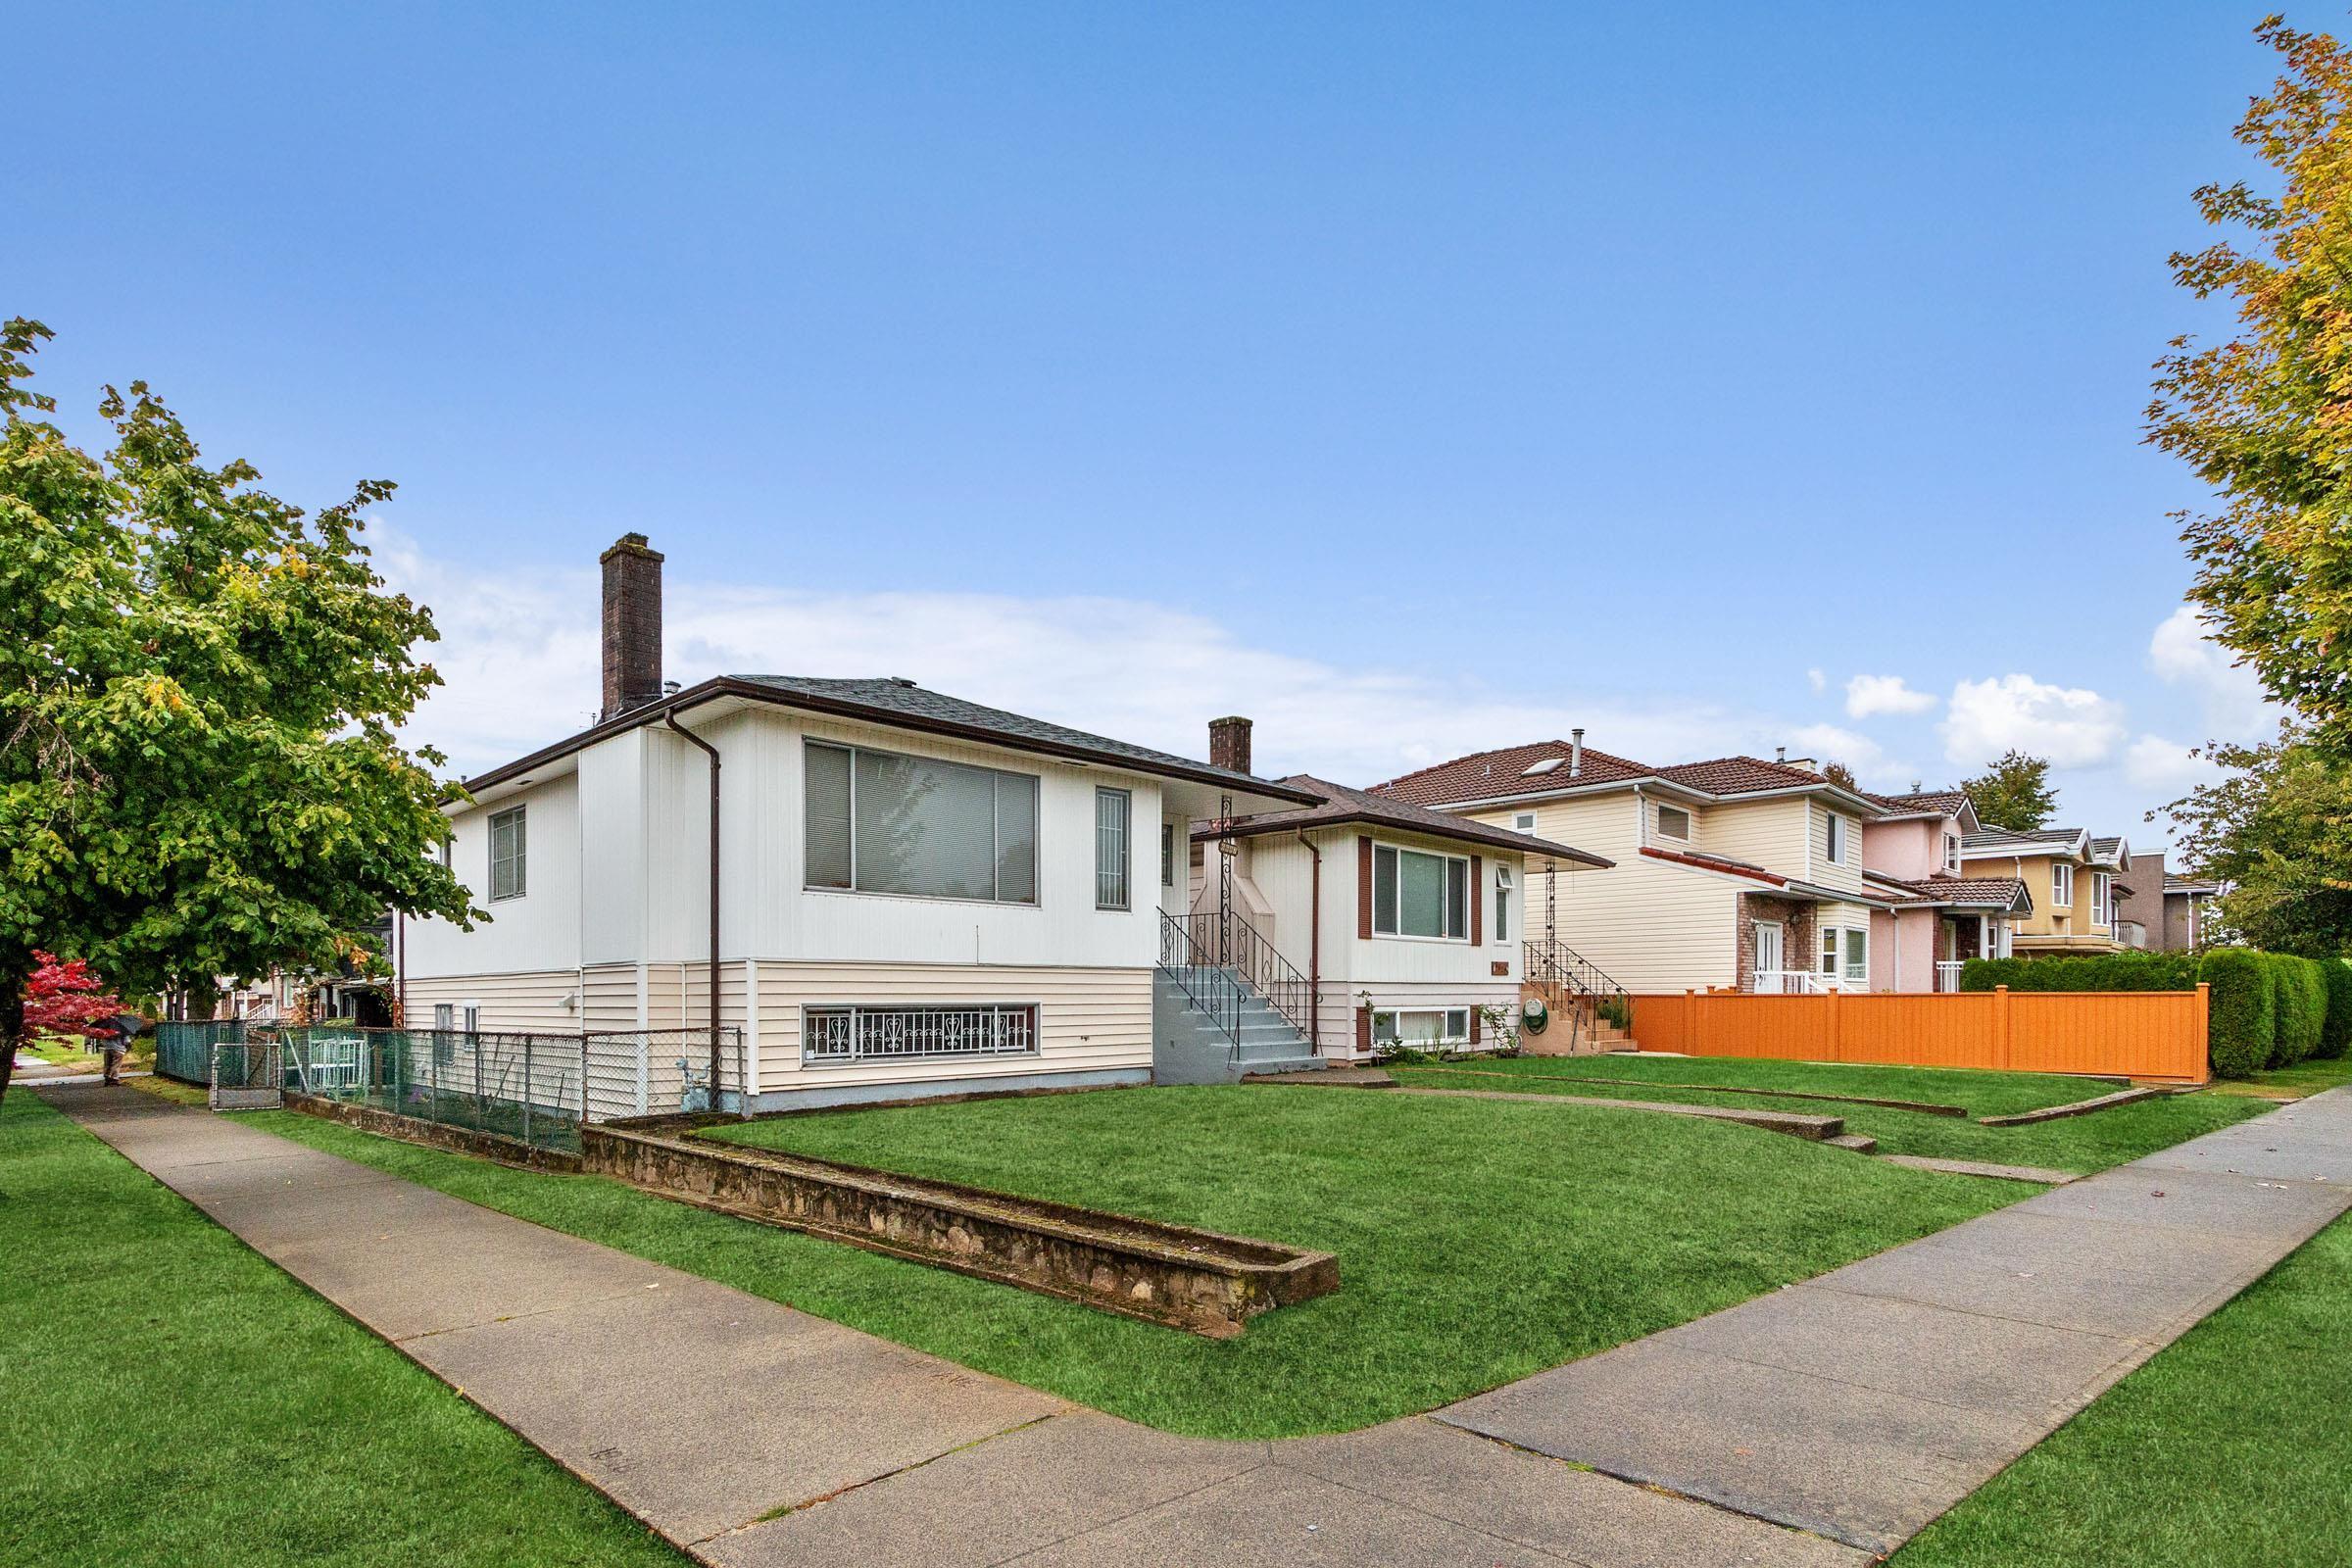 6687 GLADSTONE STREET - Killarney VE House/Single Family for sale, 4 Bedrooms (R2625583) - #1